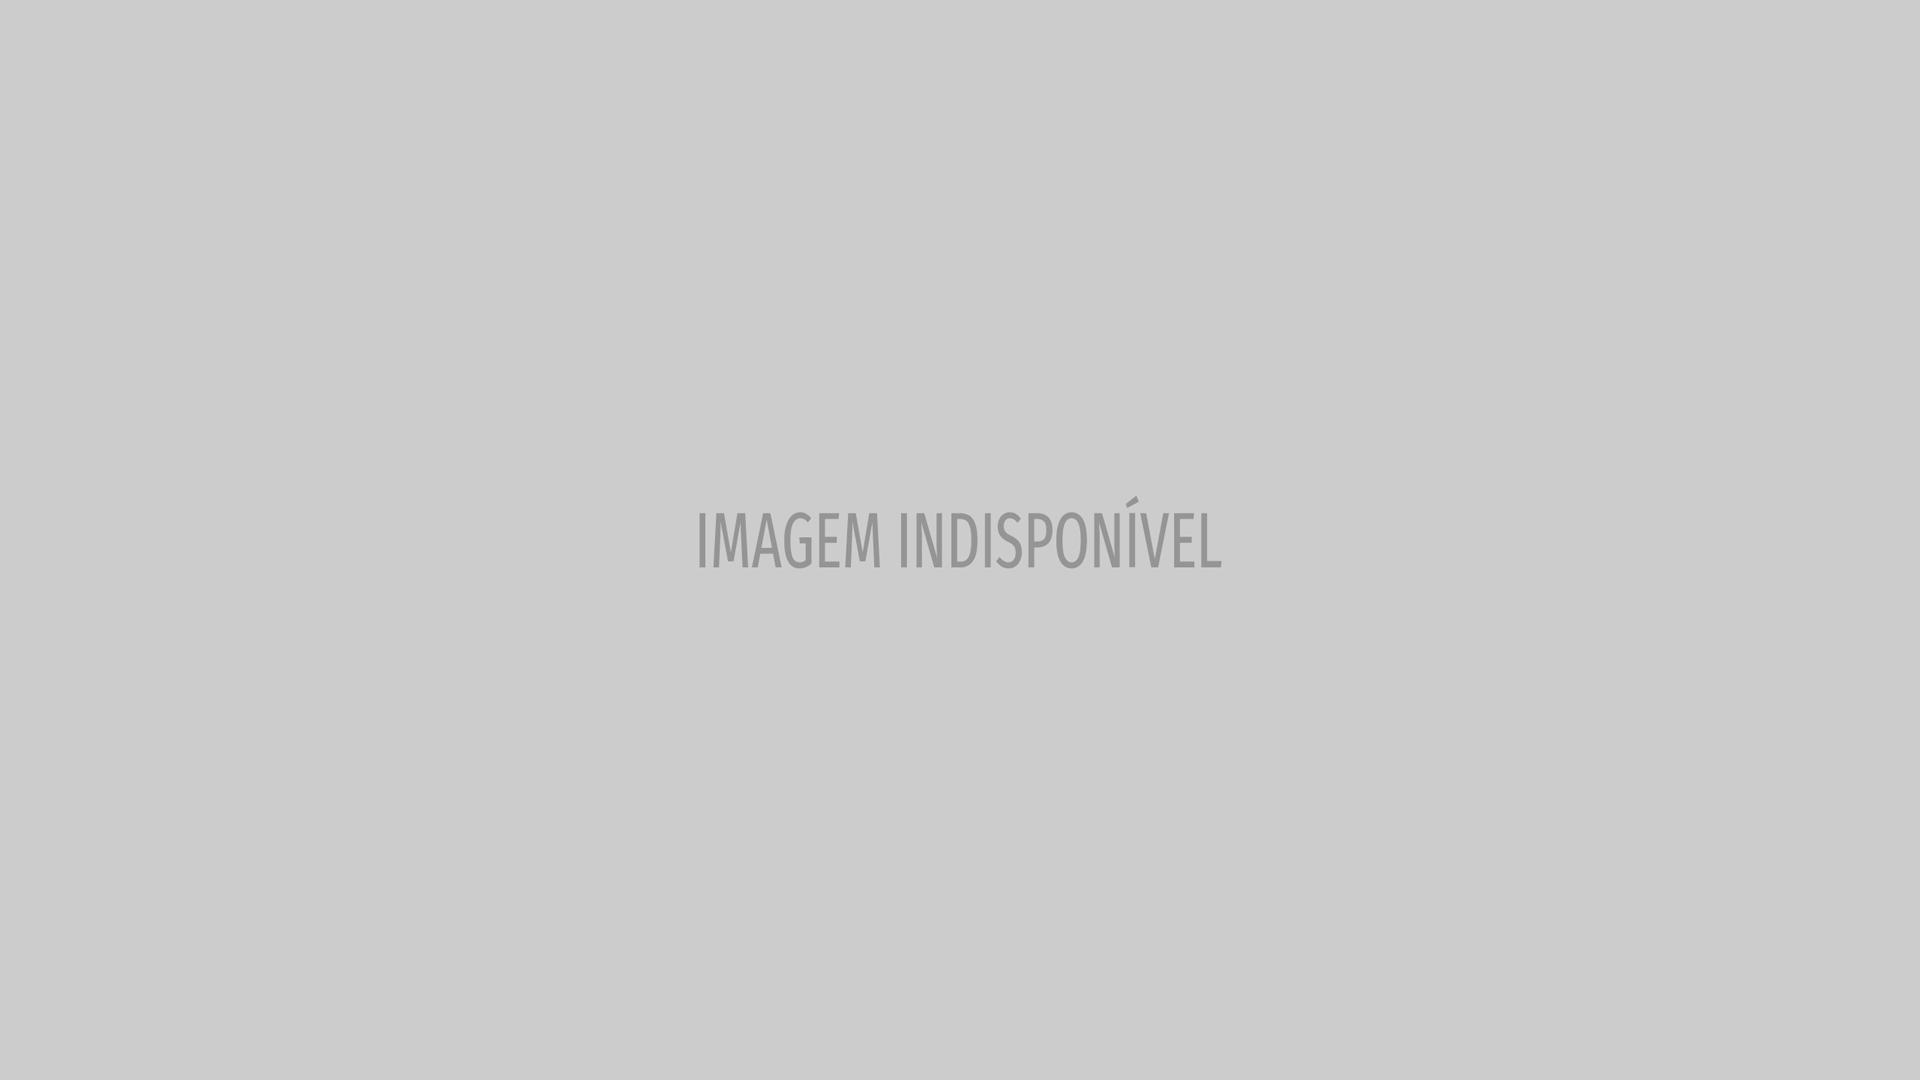 Após assumir homossexualidade, Malato participa em marcha LGBT